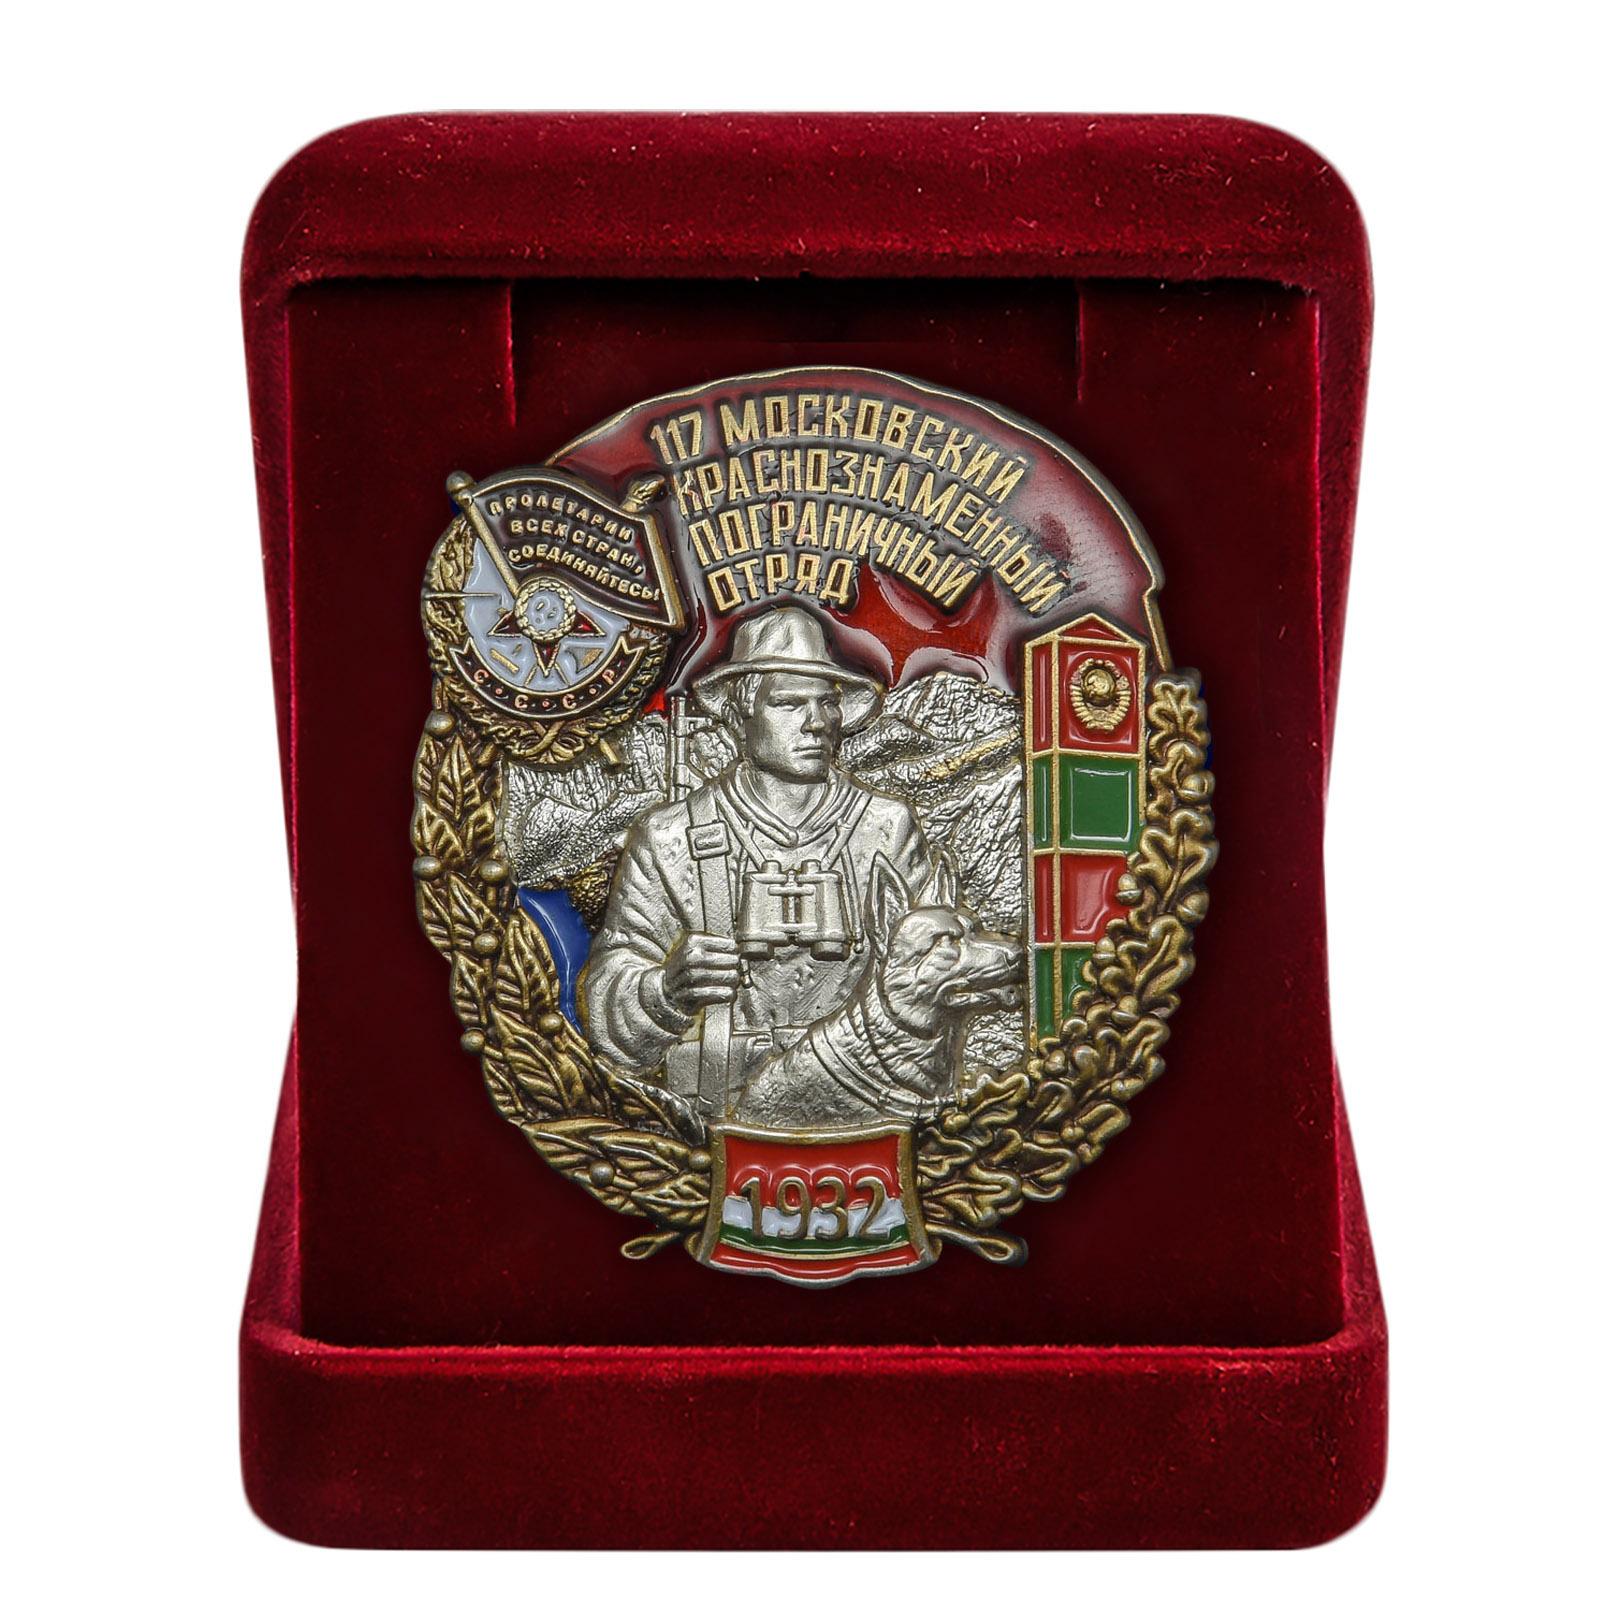 Купить знак 117 Московский Краснознамённый Пограничный отряд в подарок